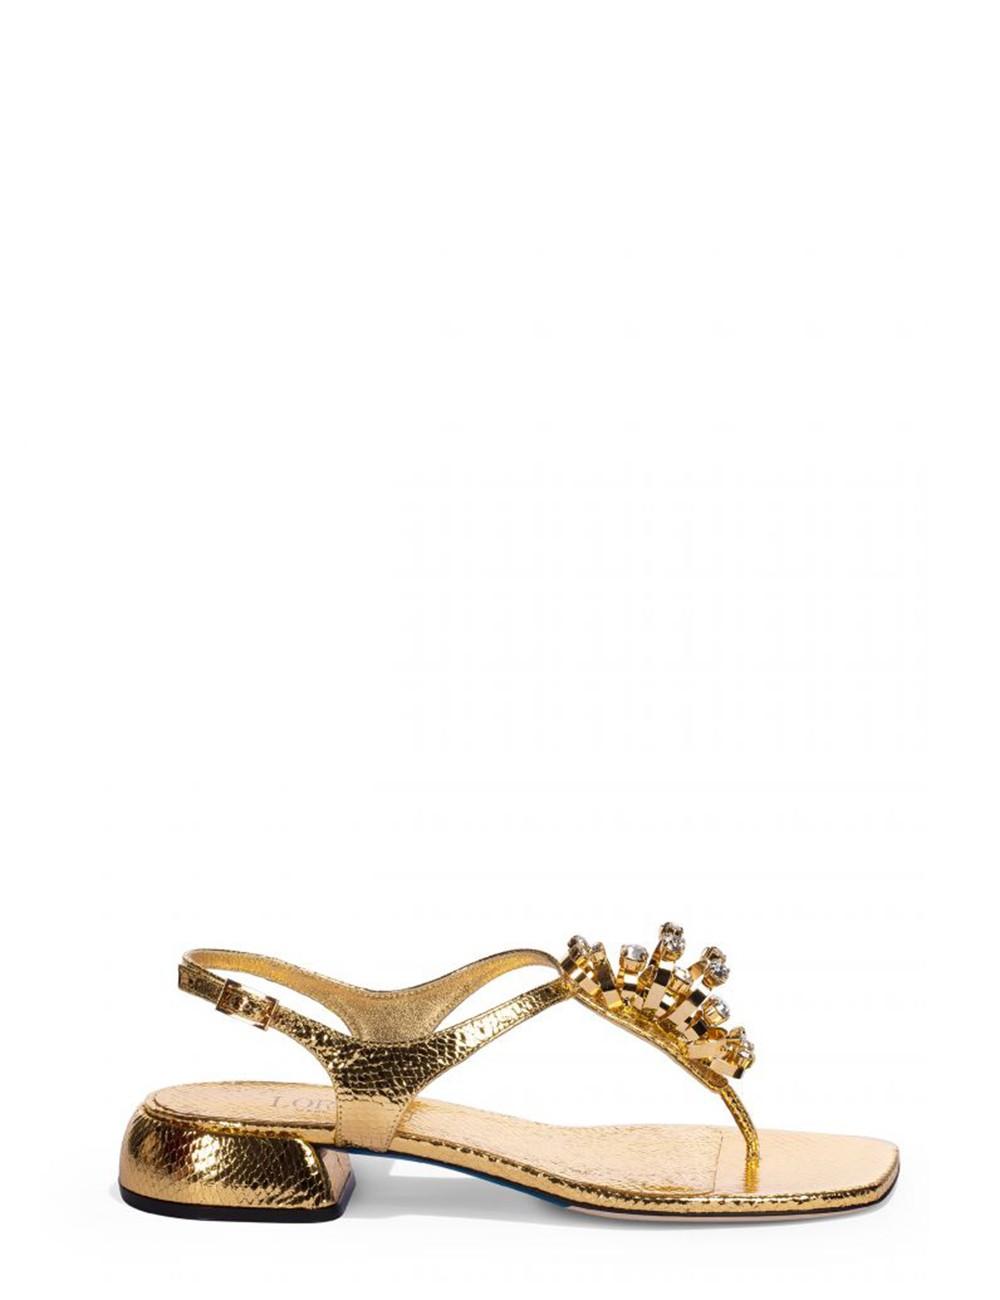 Sandali gioiello in vernice dorata effetto animalier